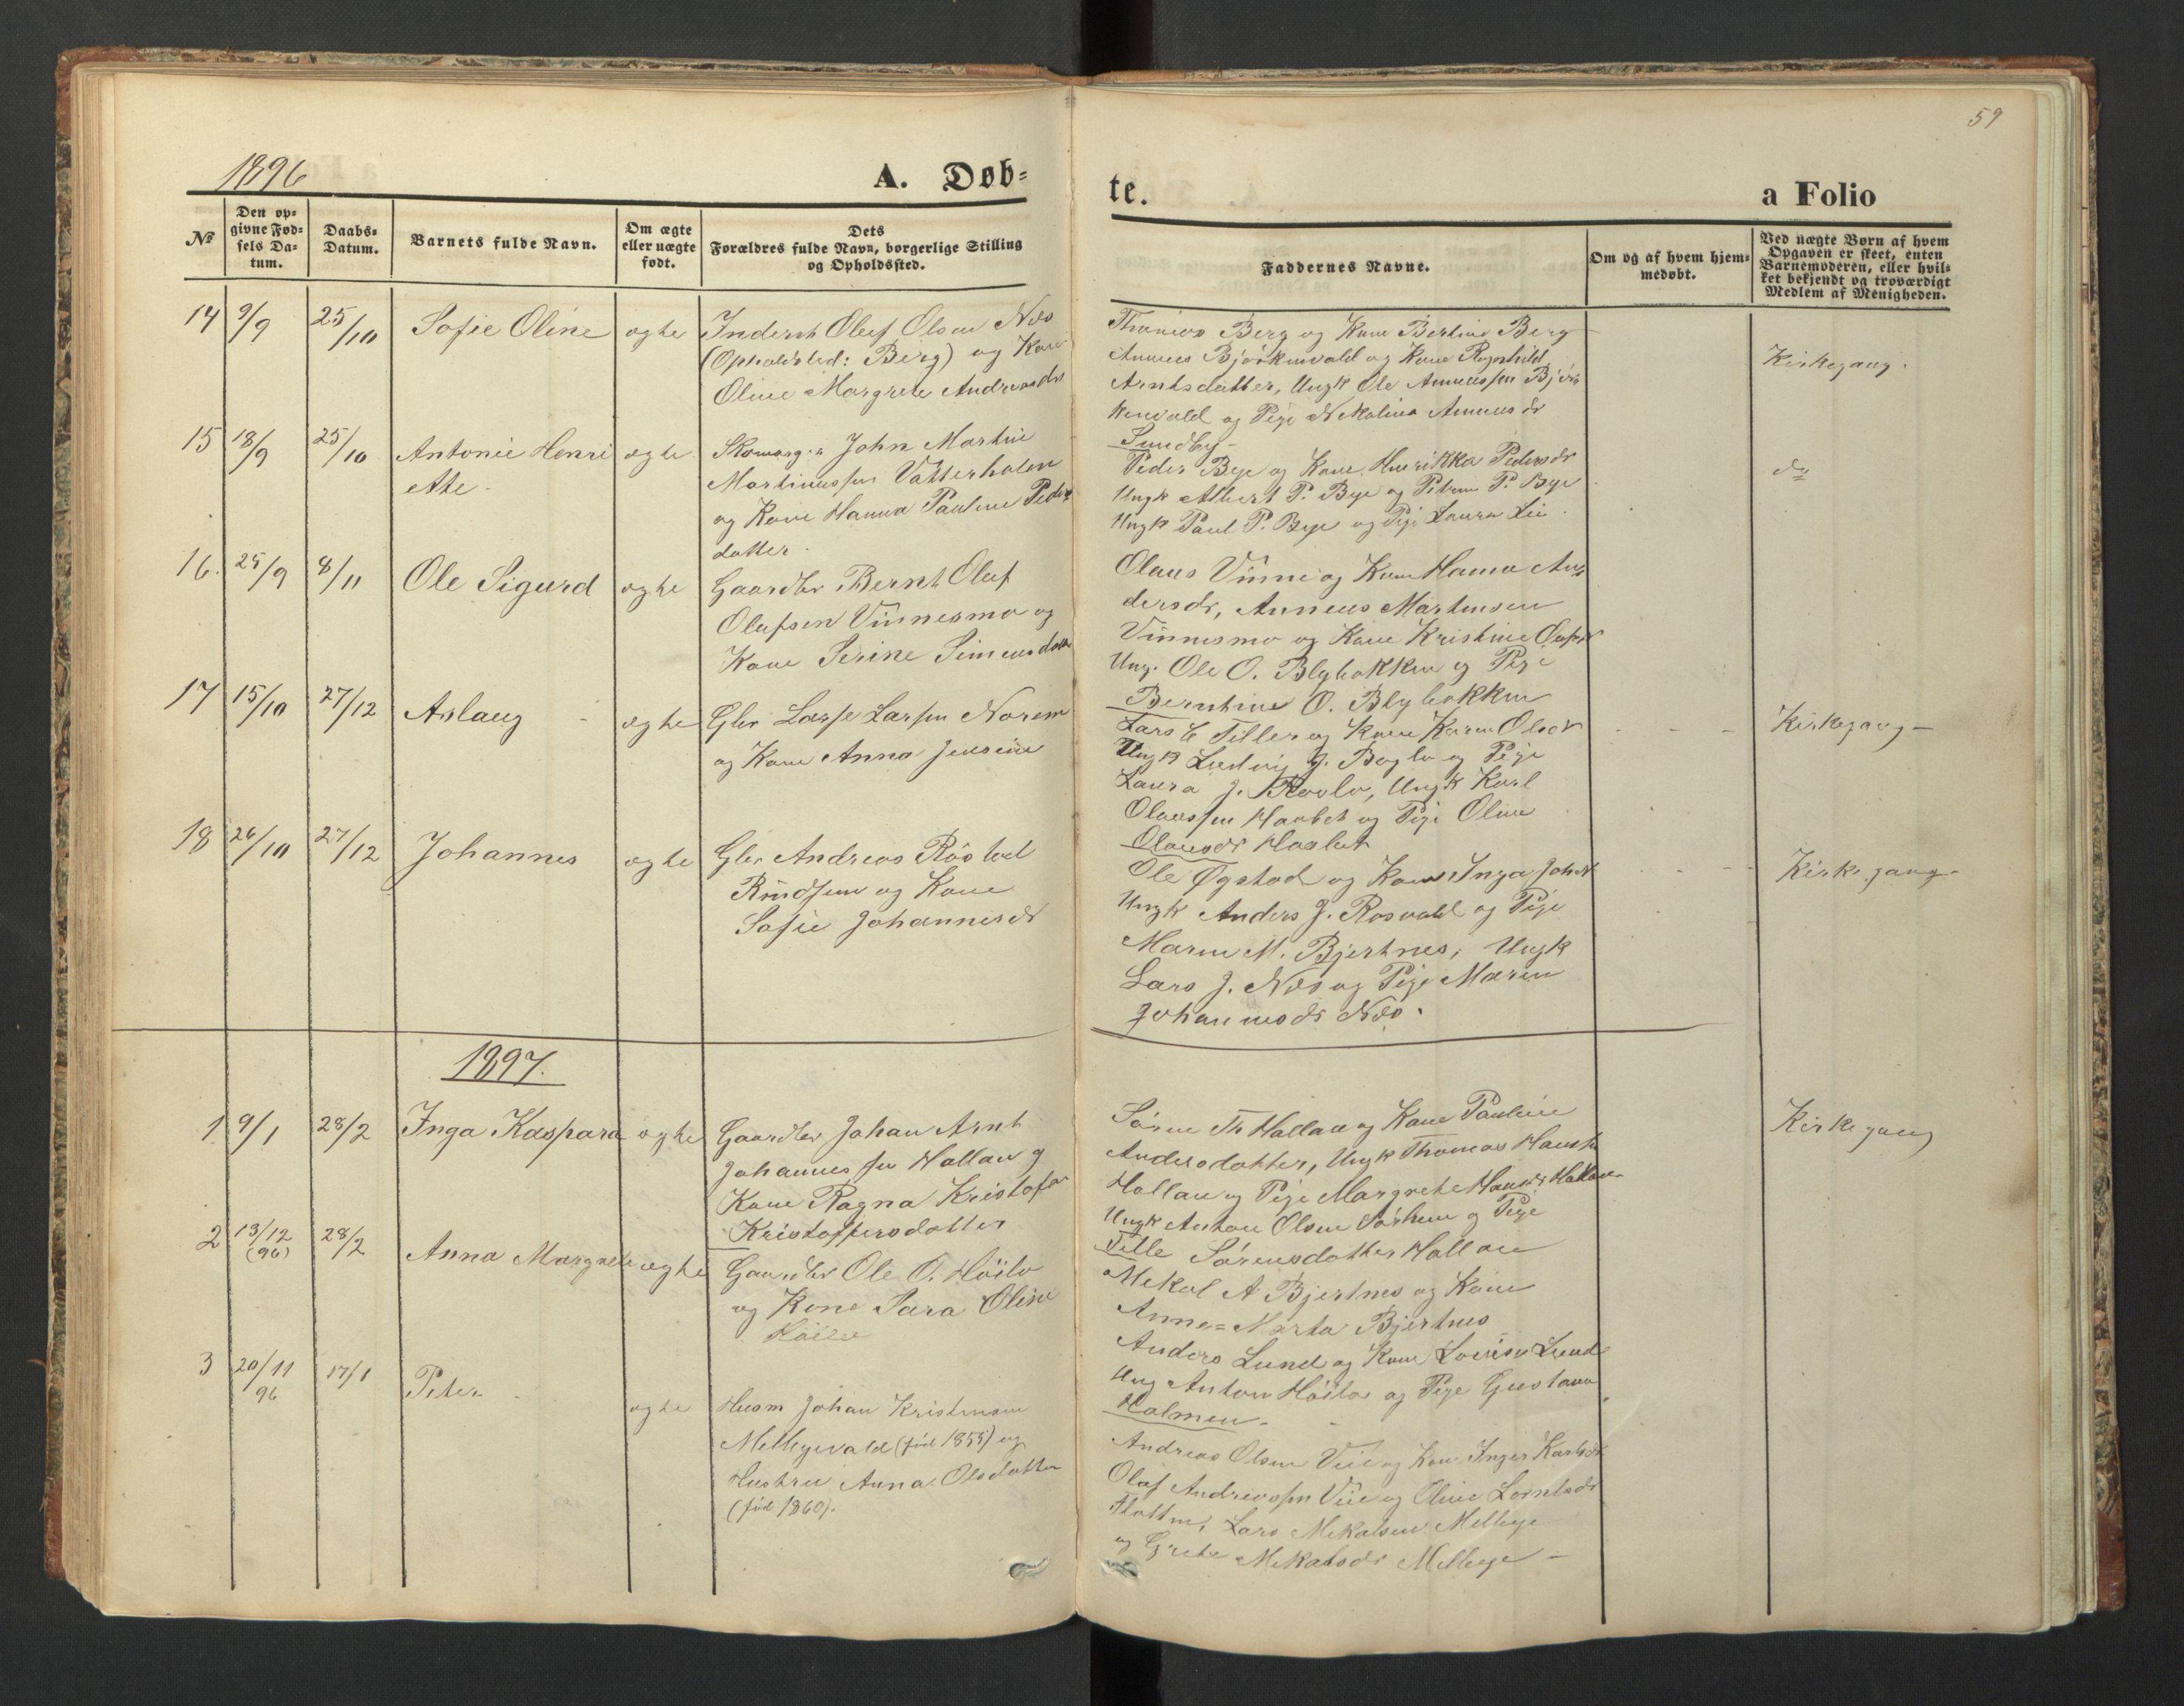 SAT, Ministerialprotokoller, klokkerbøker og fødselsregistre - Nord-Trøndelag, 726/L0271: Klokkerbok nr. 726C02, 1869-1897, s. 59